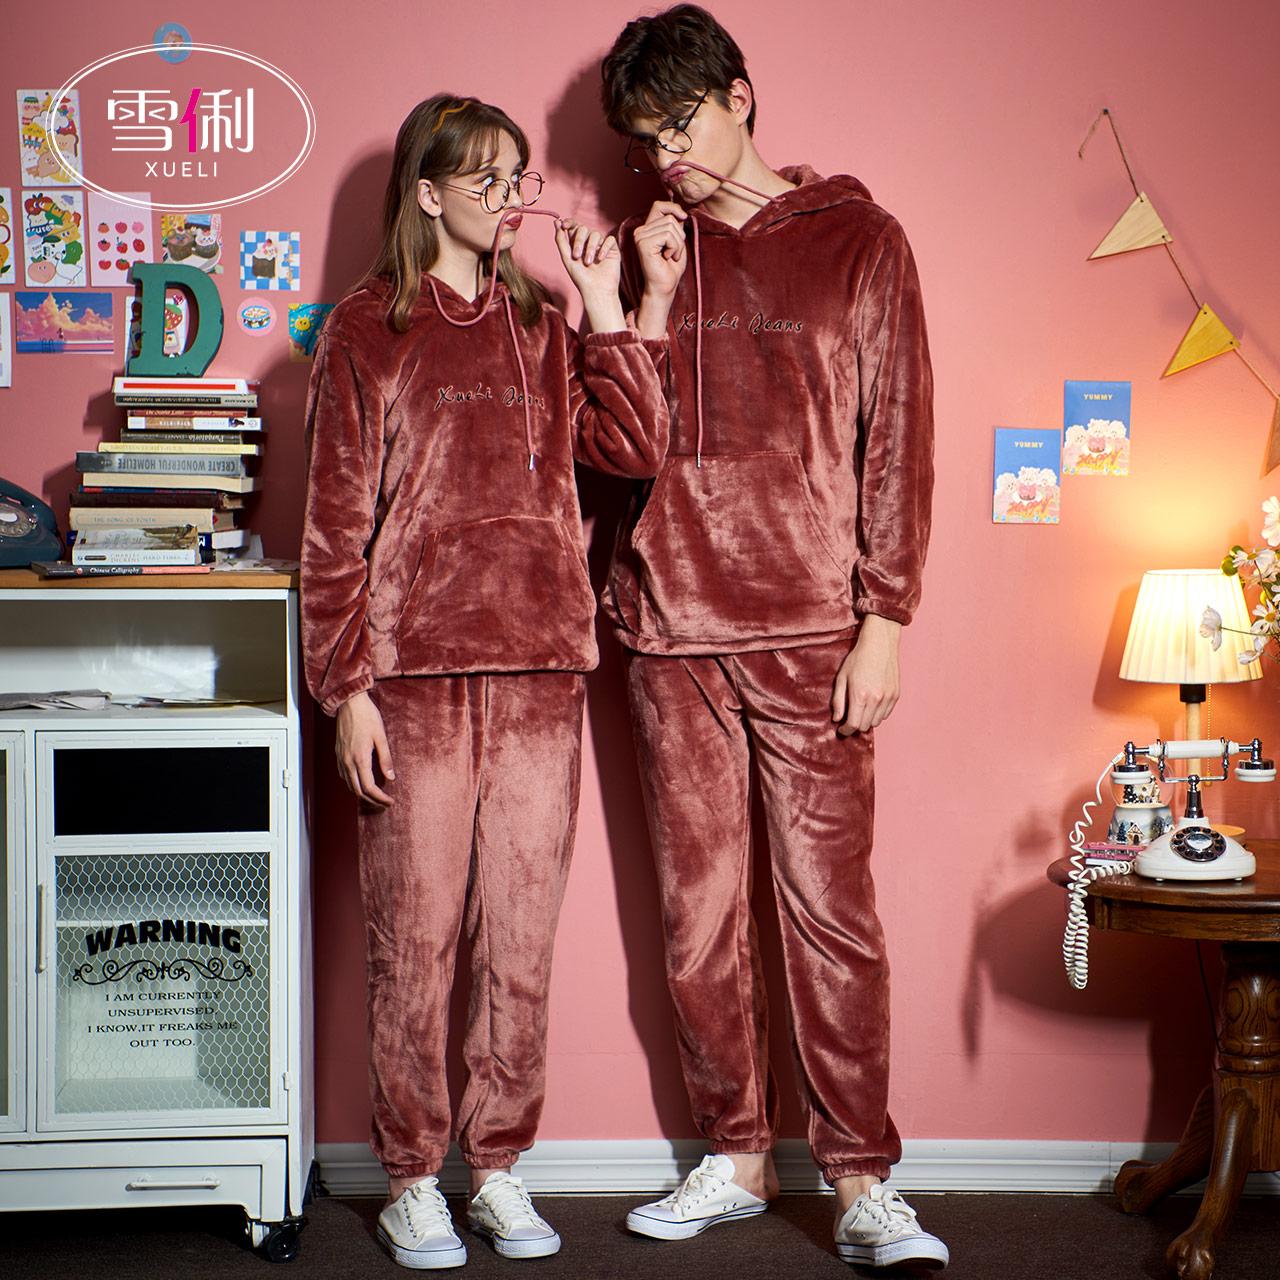 【雪俐】情侣珊瑚绒睡衣家居服套装